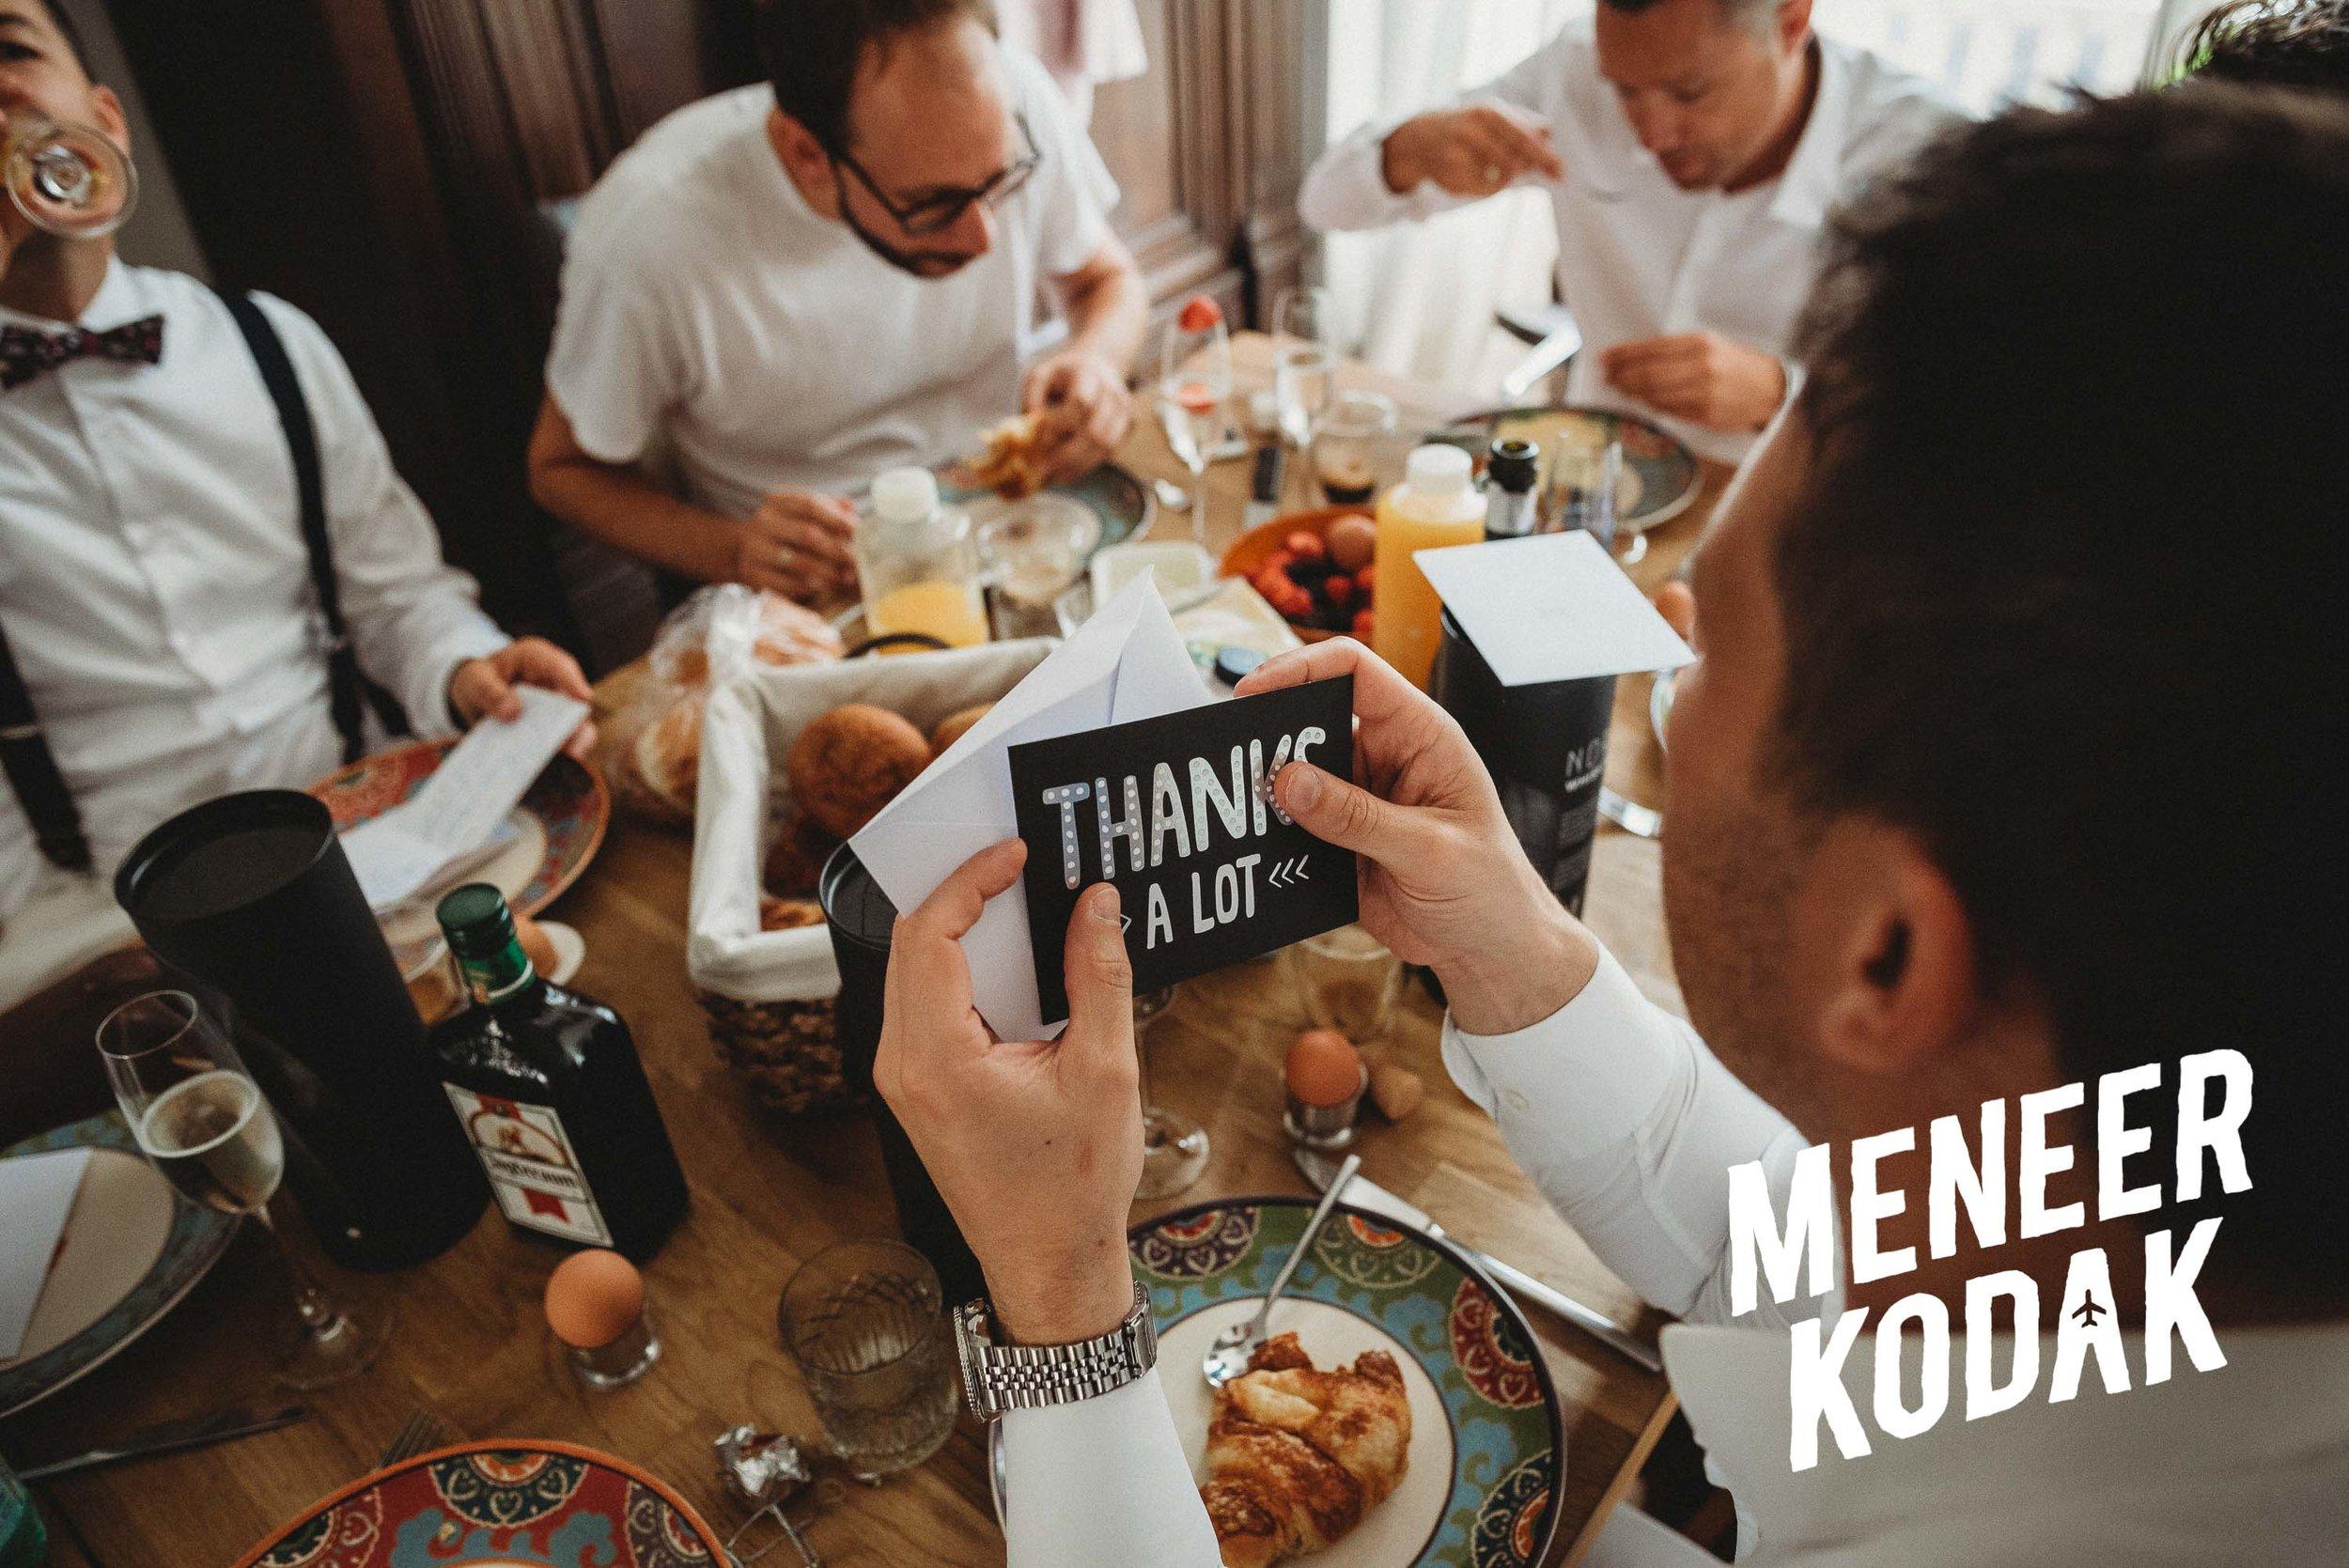 Meneer Kodak - Trouwfotograaf - Amsterdam - H&T-003.jpg